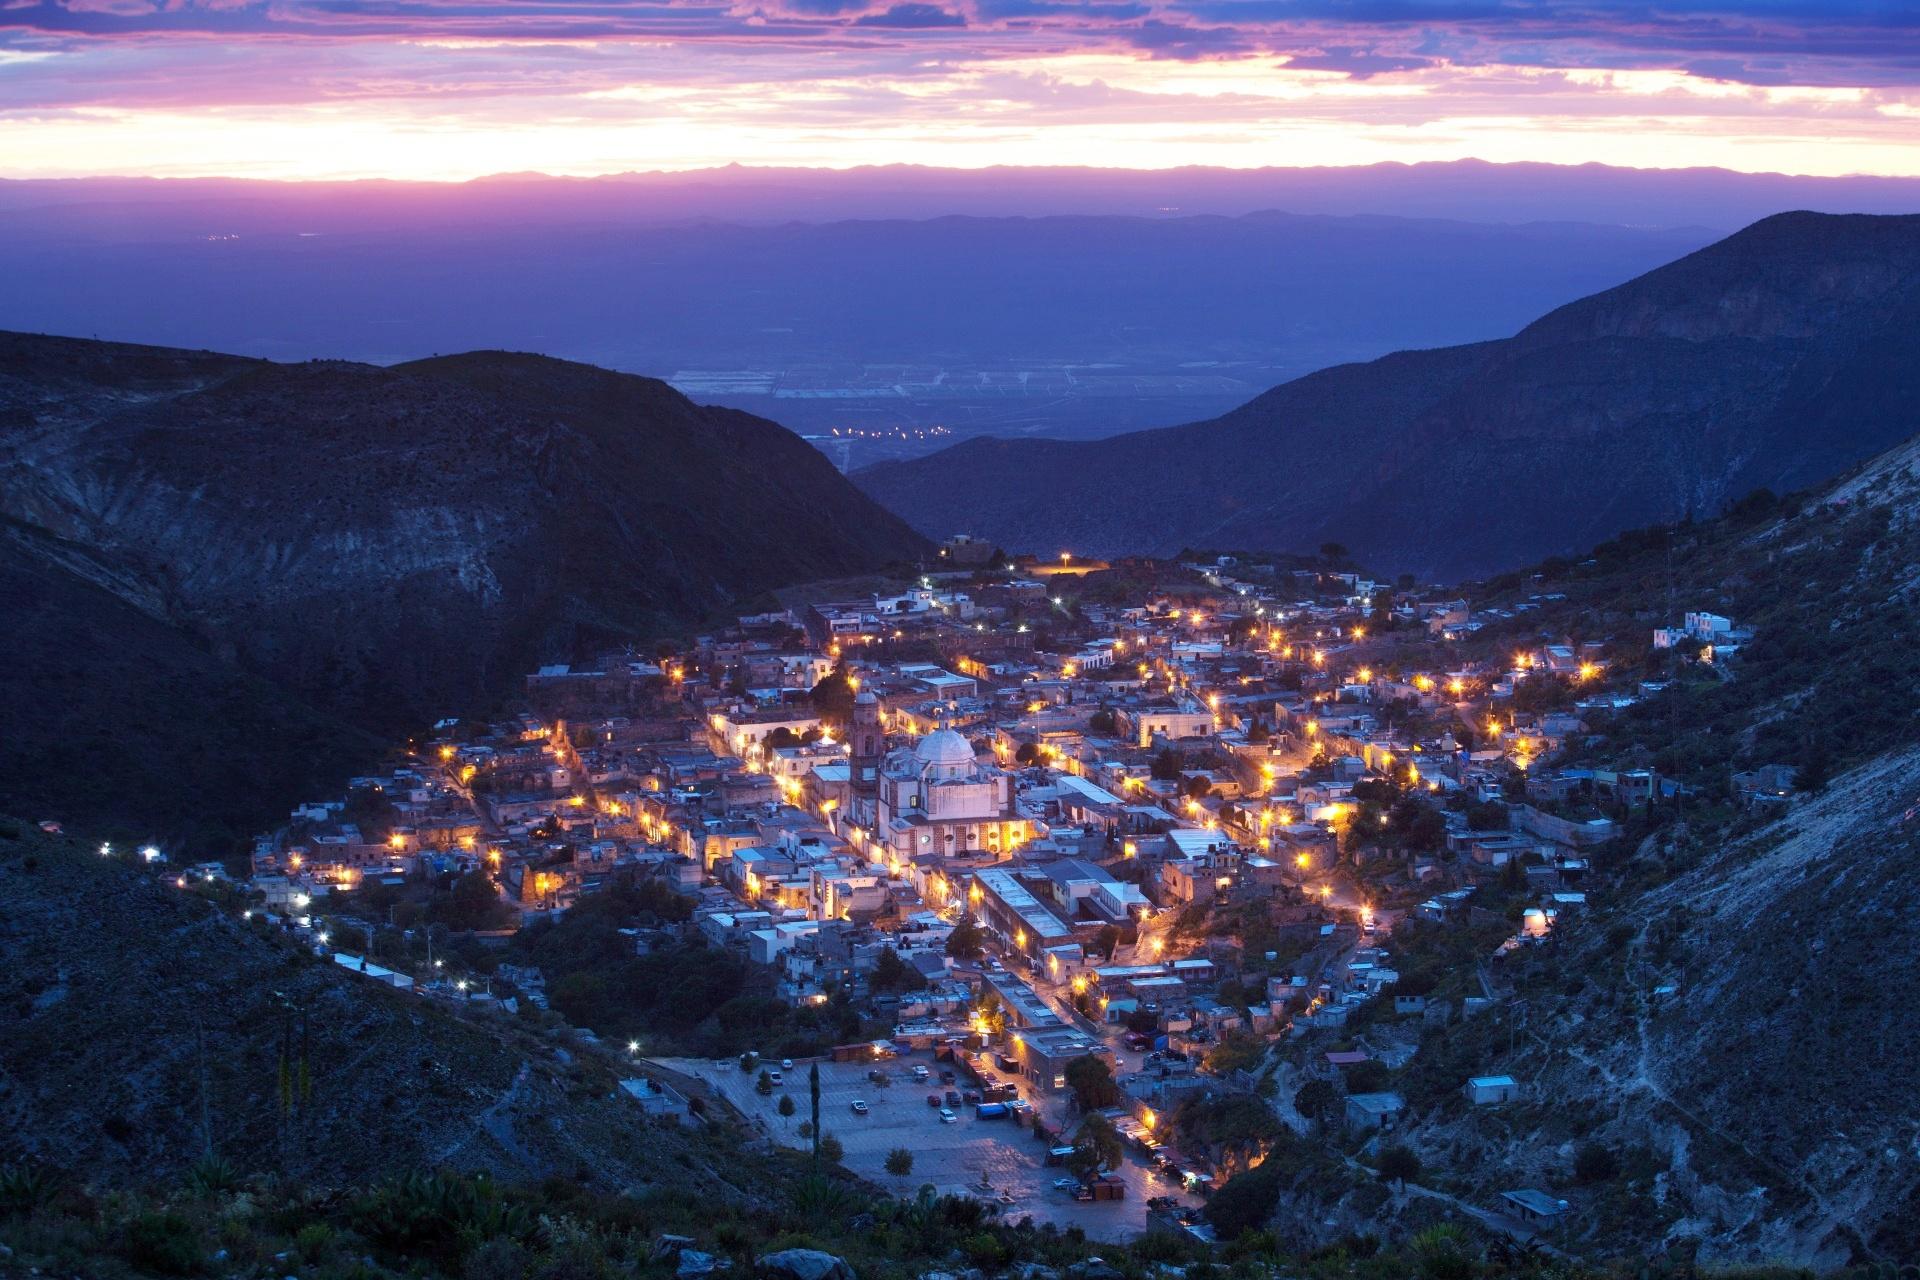 レアル・デ・カトルセの風景 メキシコの風景